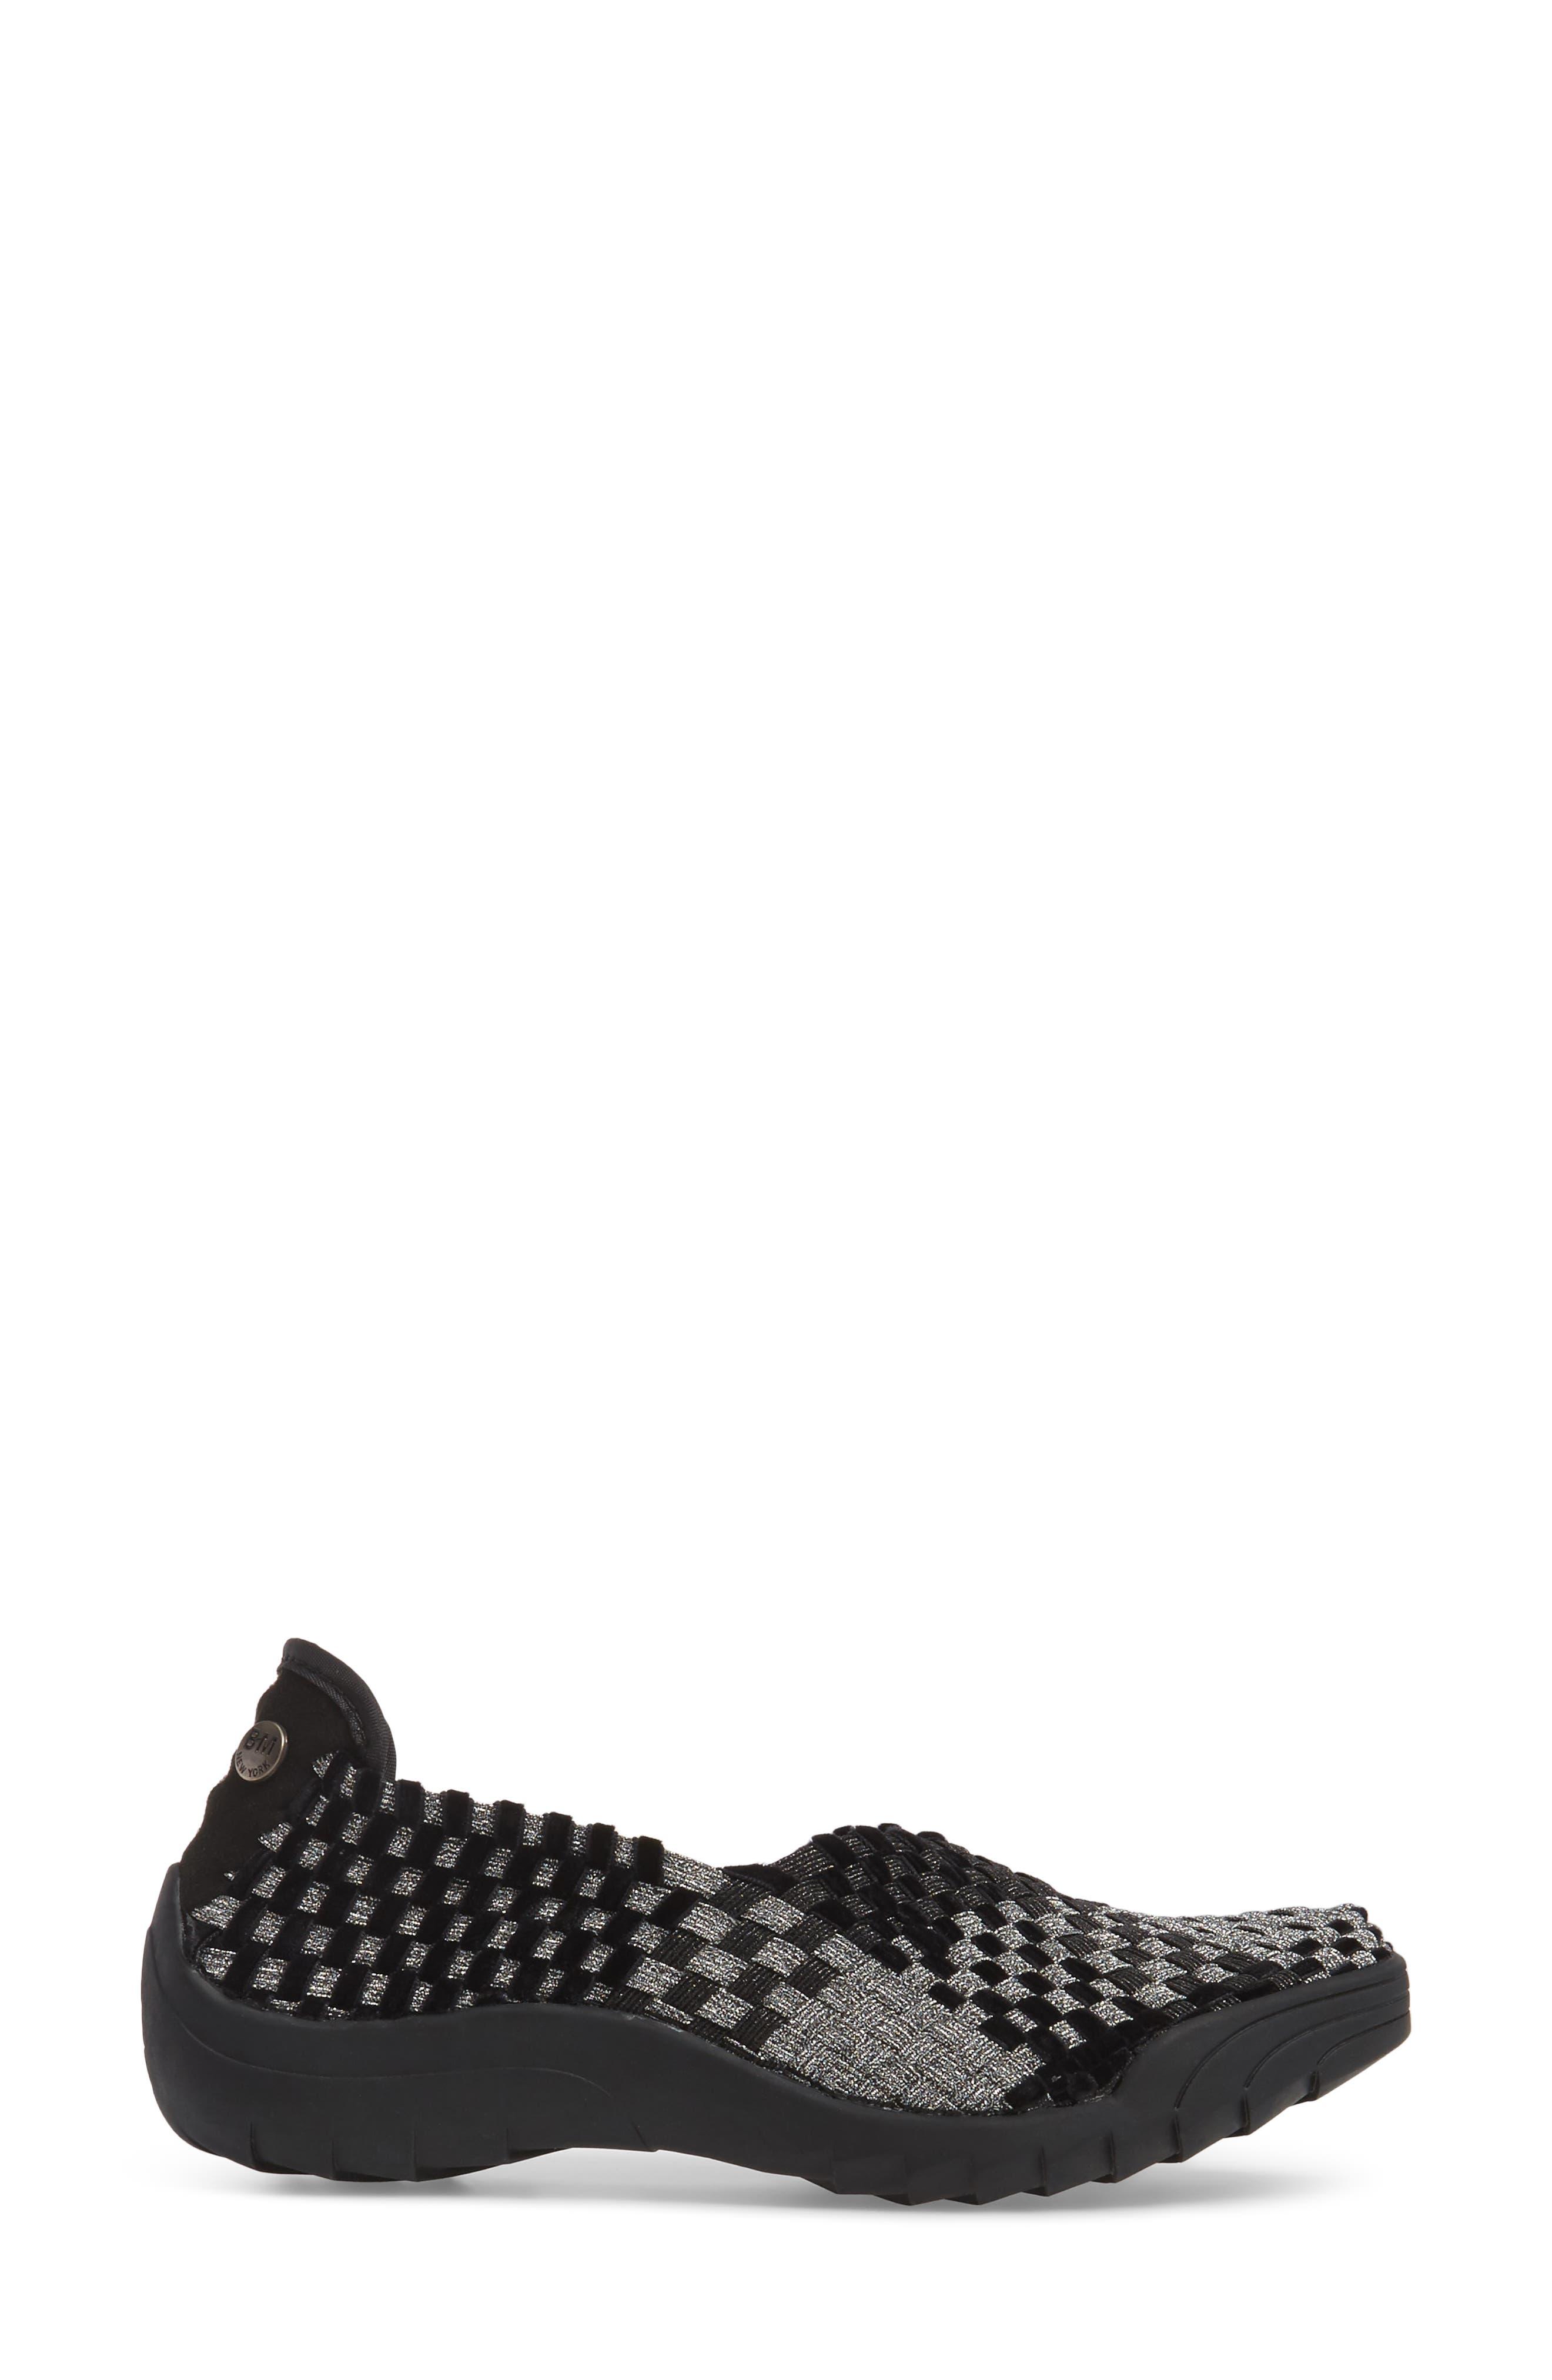 Alternate Image 3  - bernie mev. Rigged Fly Slip-On Sneaker (Women)